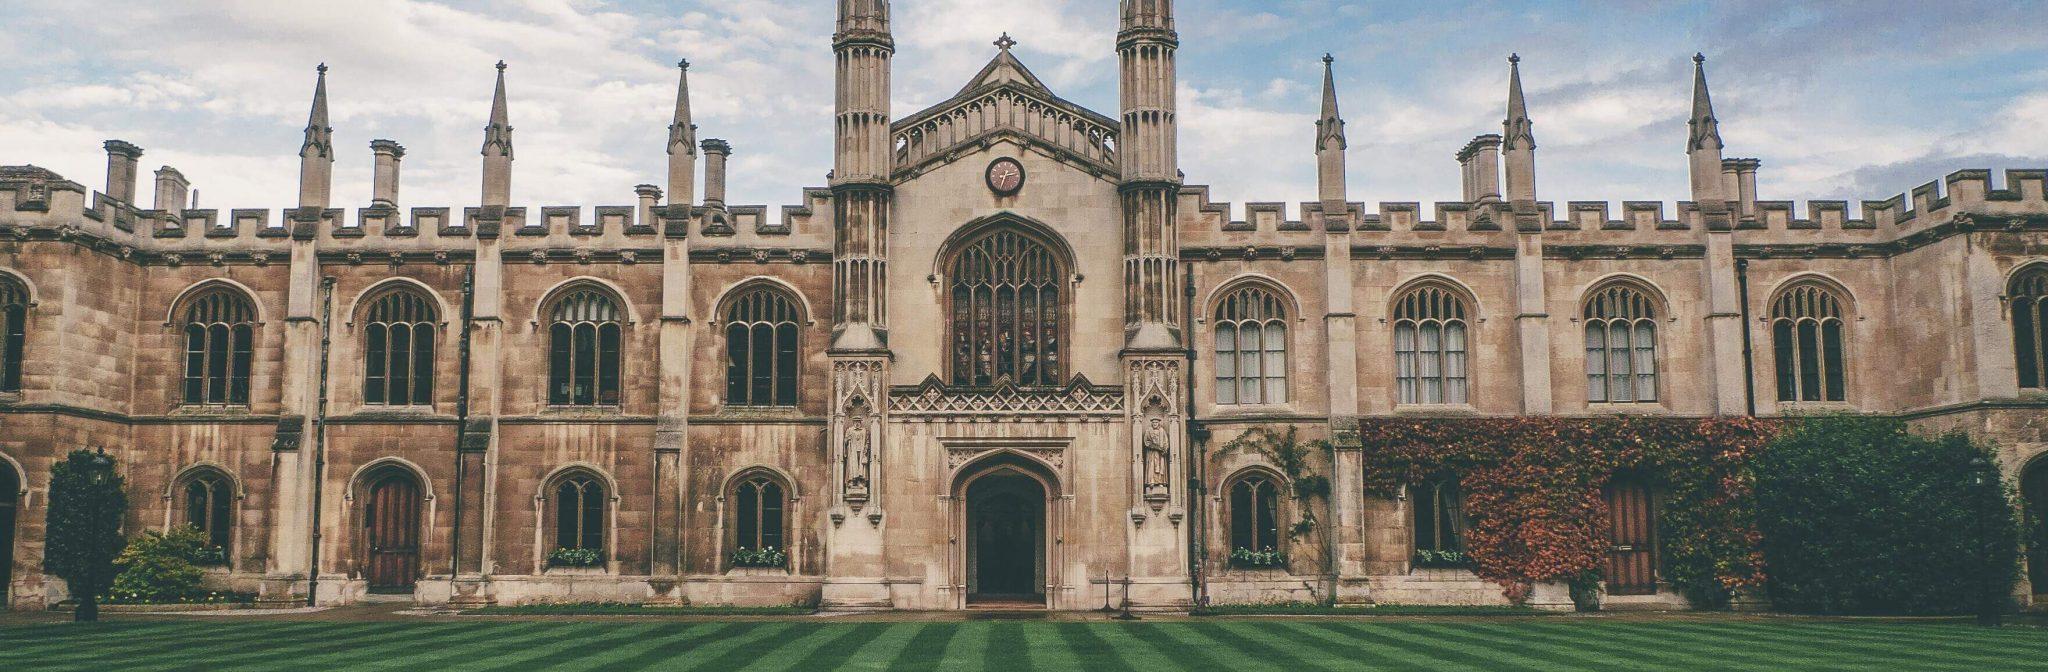 Oxford Test of English diseñado en la Universidad de Cambridge